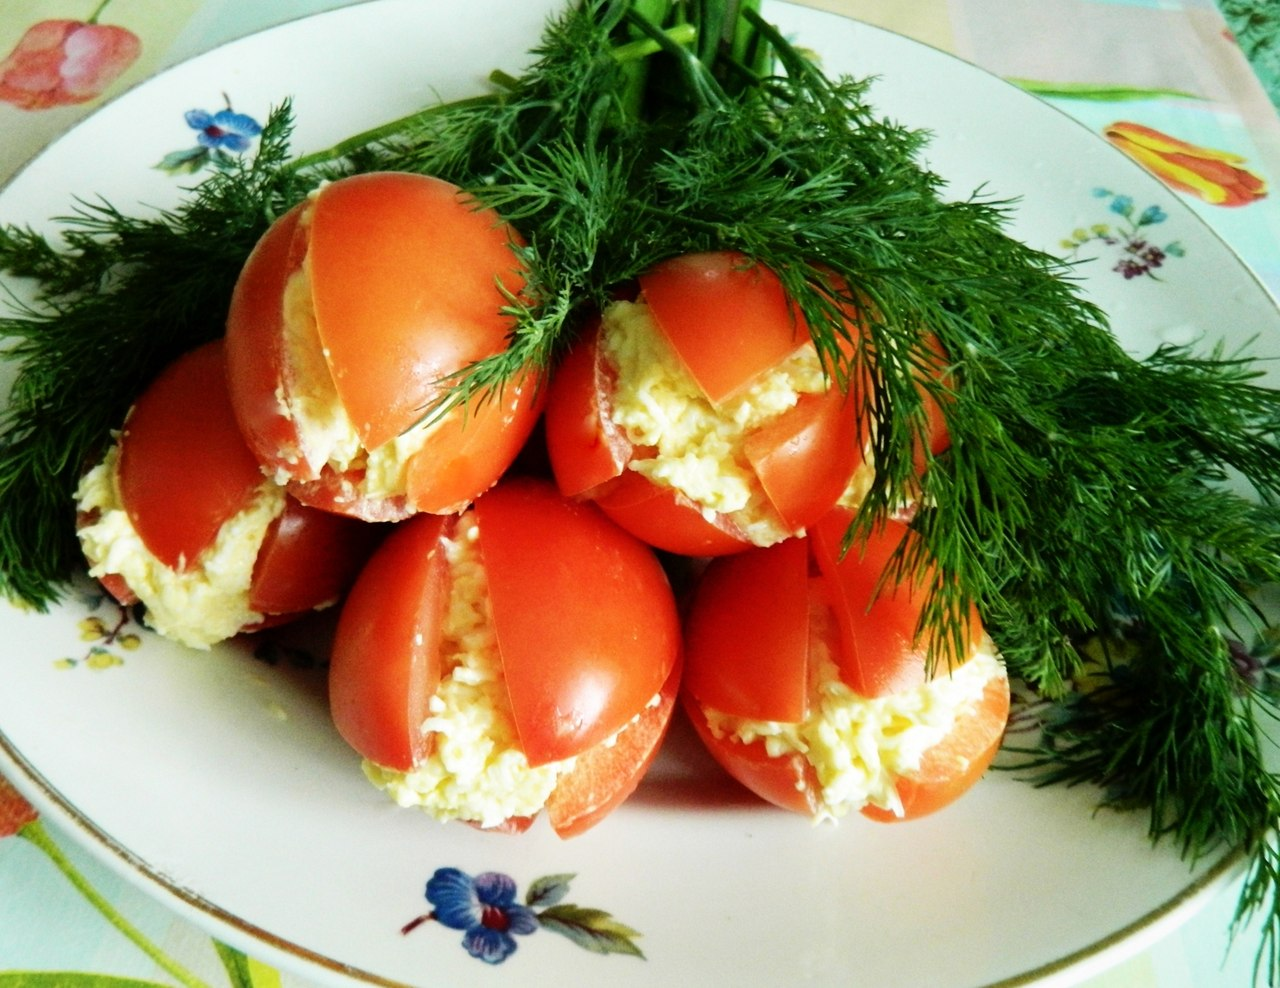 салат, рецепт, весенний салат, салат Тюльпаны, закуска из помидоров, закуска с помидорами